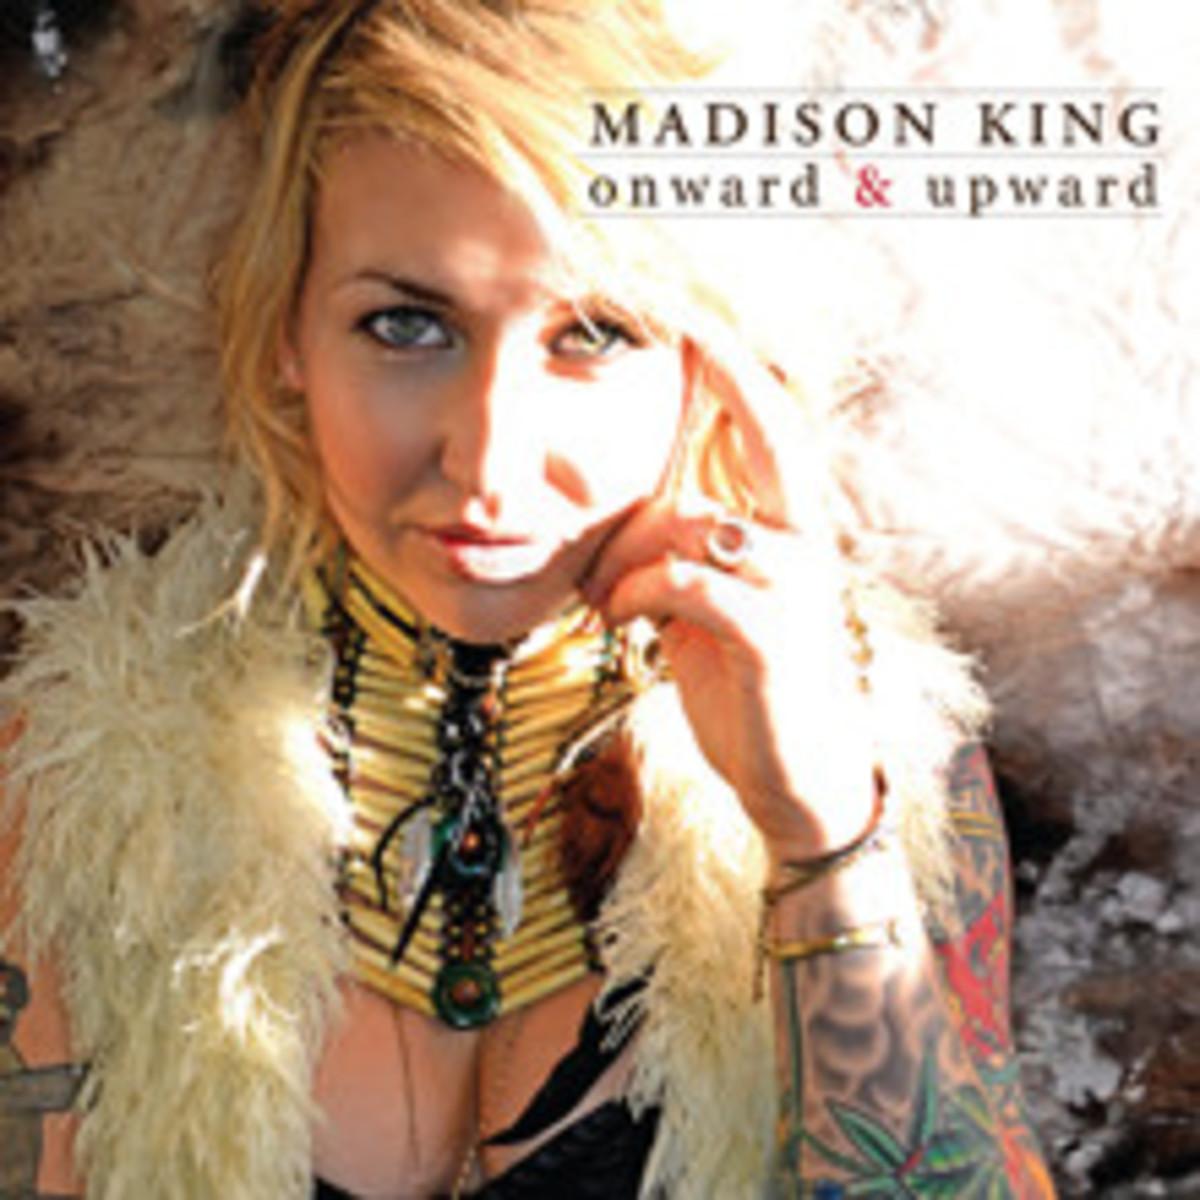 MADISON-KING_ONWARD-UPWARD_6PAN1T-OUTLINES